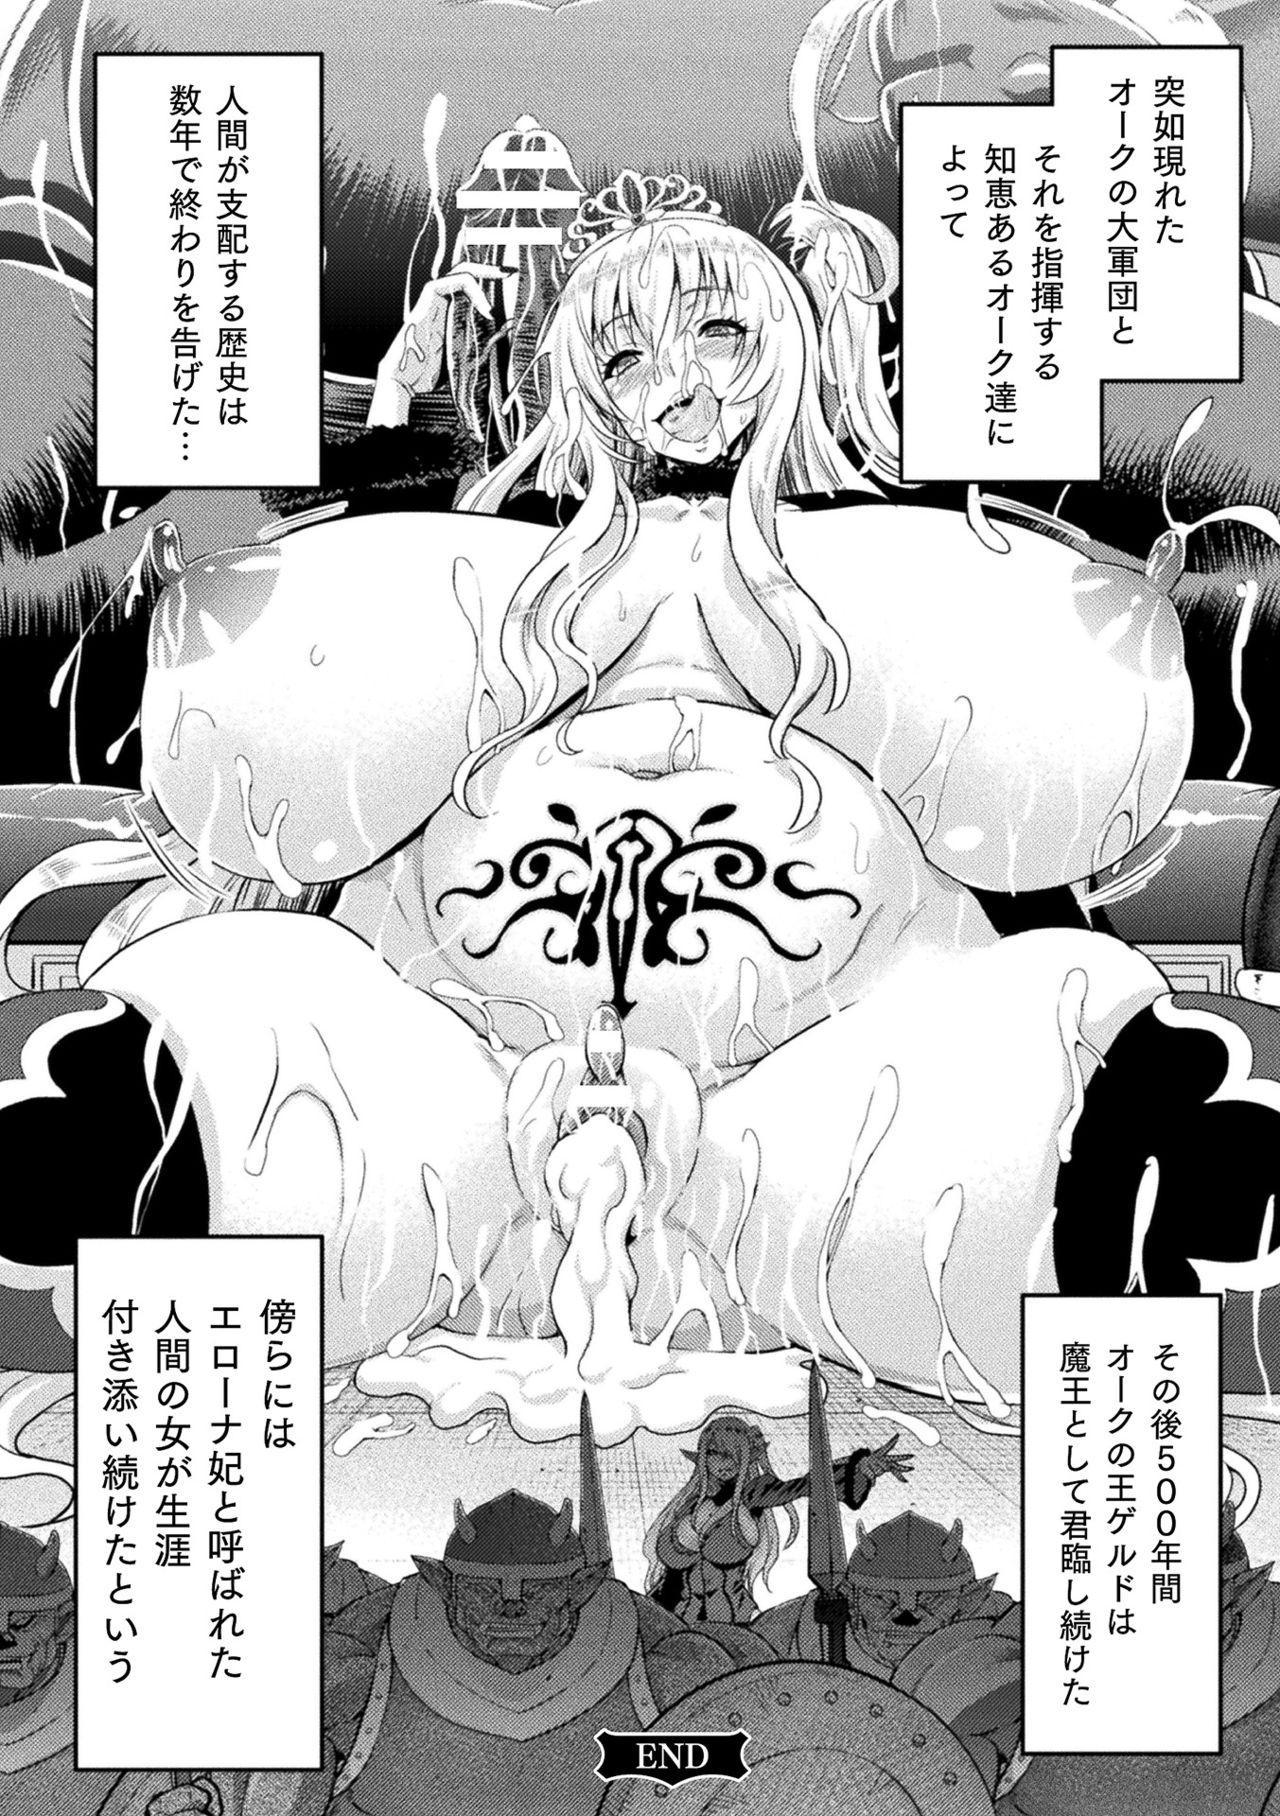 ERONA Orc no Inmon ni Okasareta Onna Kishi no Matsuro 181